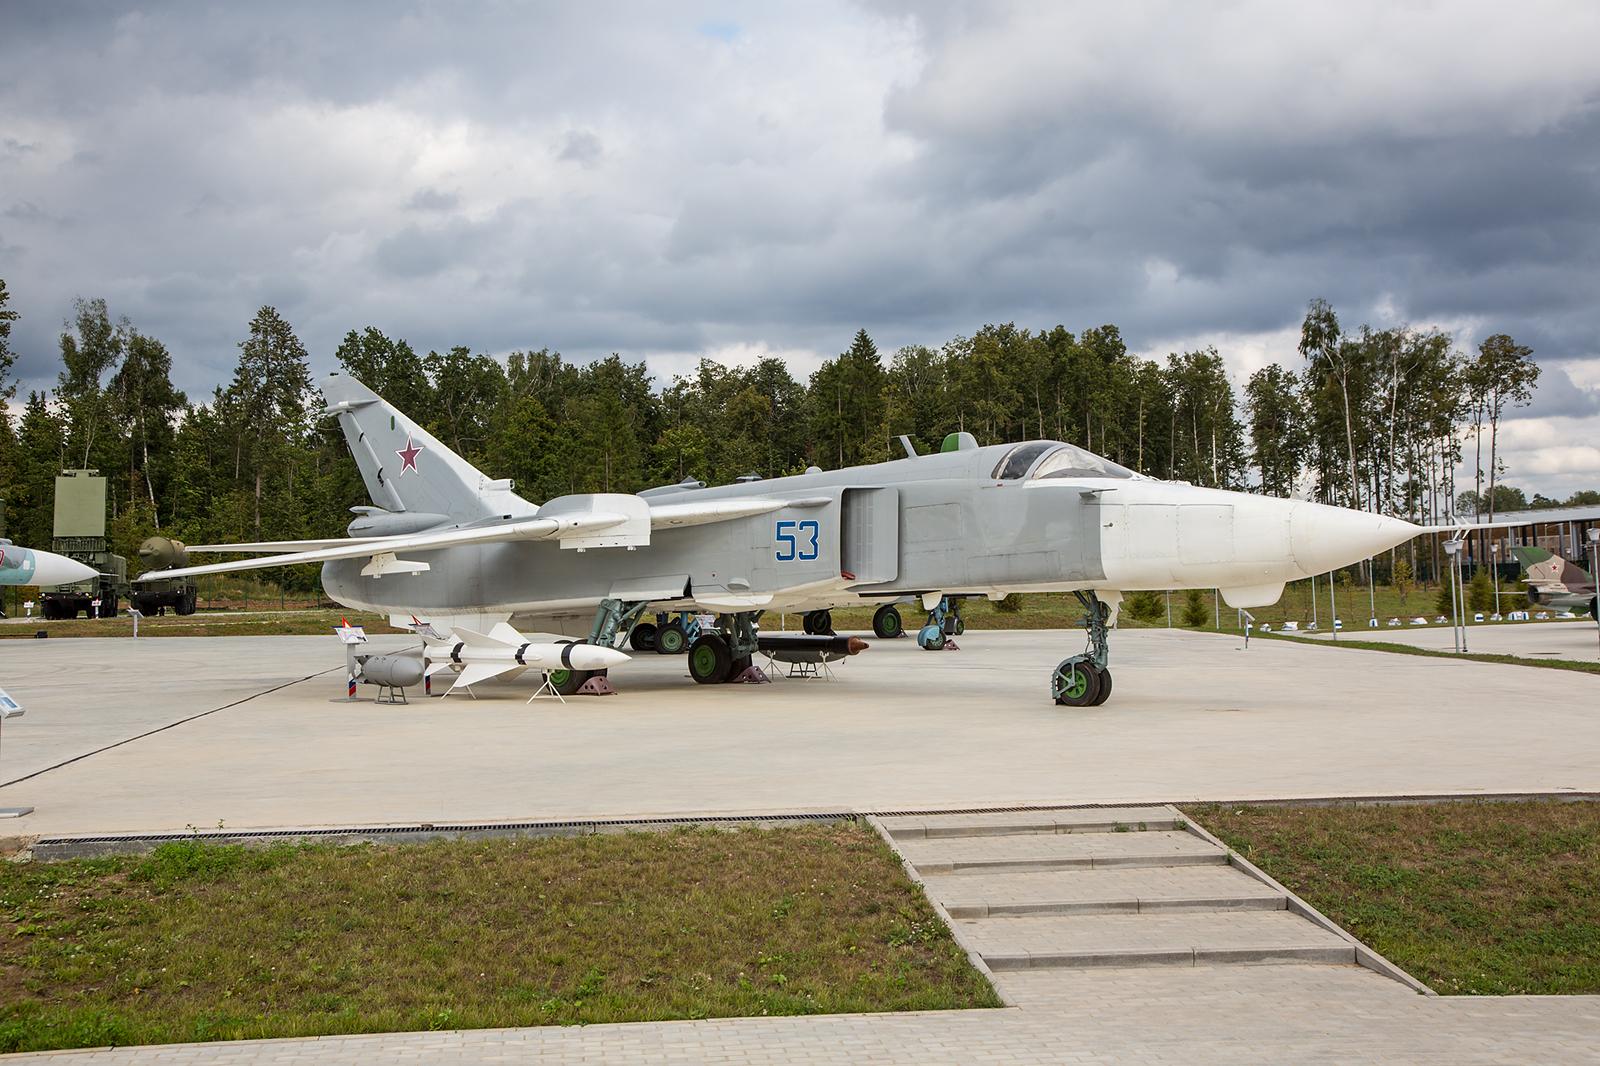 Die Sukhoi Su-24 ist eine mittlerer Bomber aus den 1960´er Jahren, welcher noch heute bei der BBC eingesetzt wird.